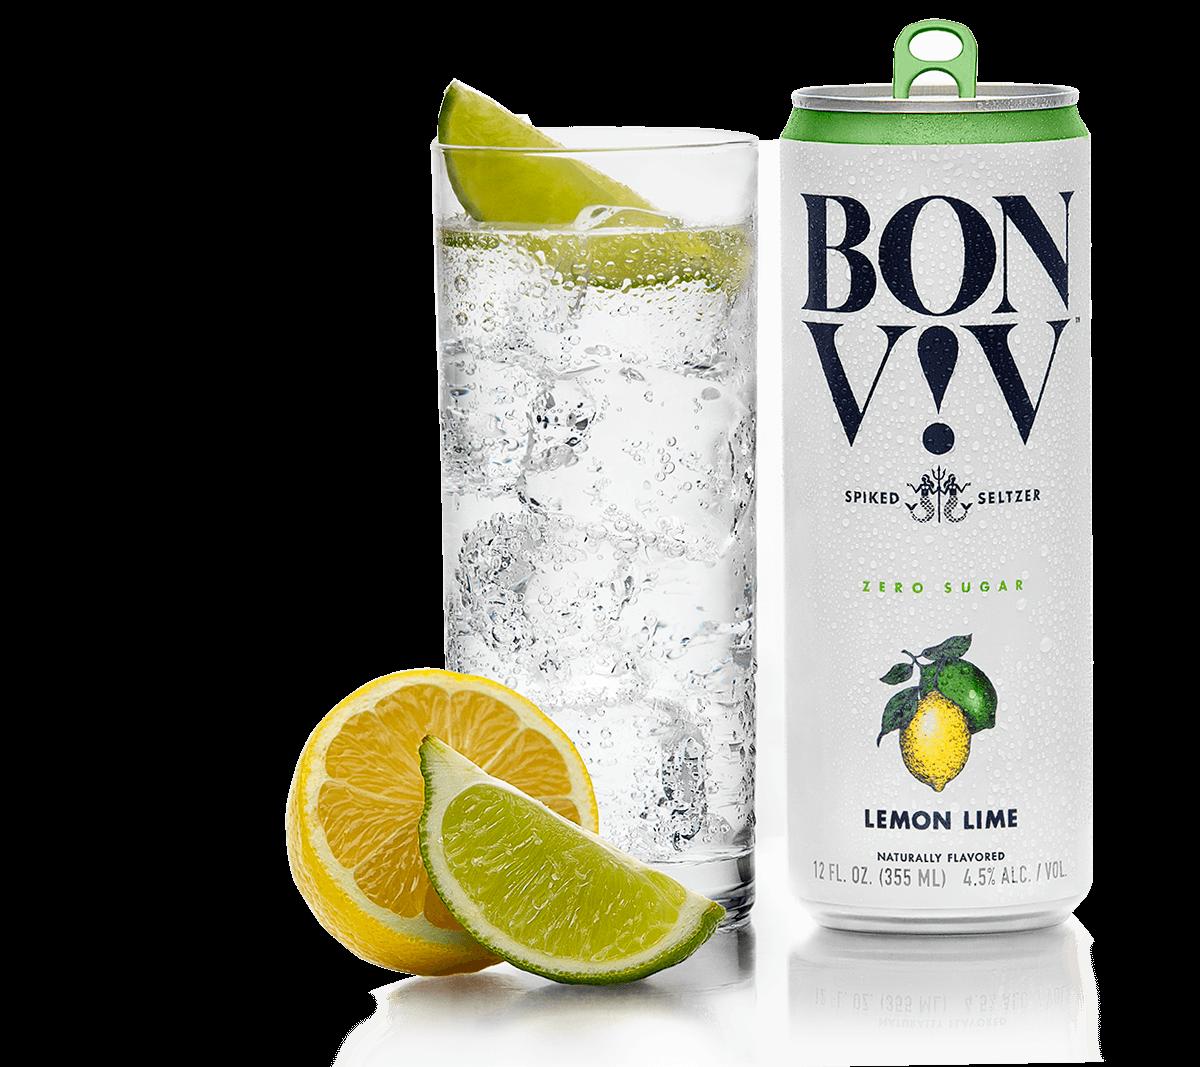 Bon & Viv Spiked Seltzer Lemon Lime ABV 4.5% 6 Pack